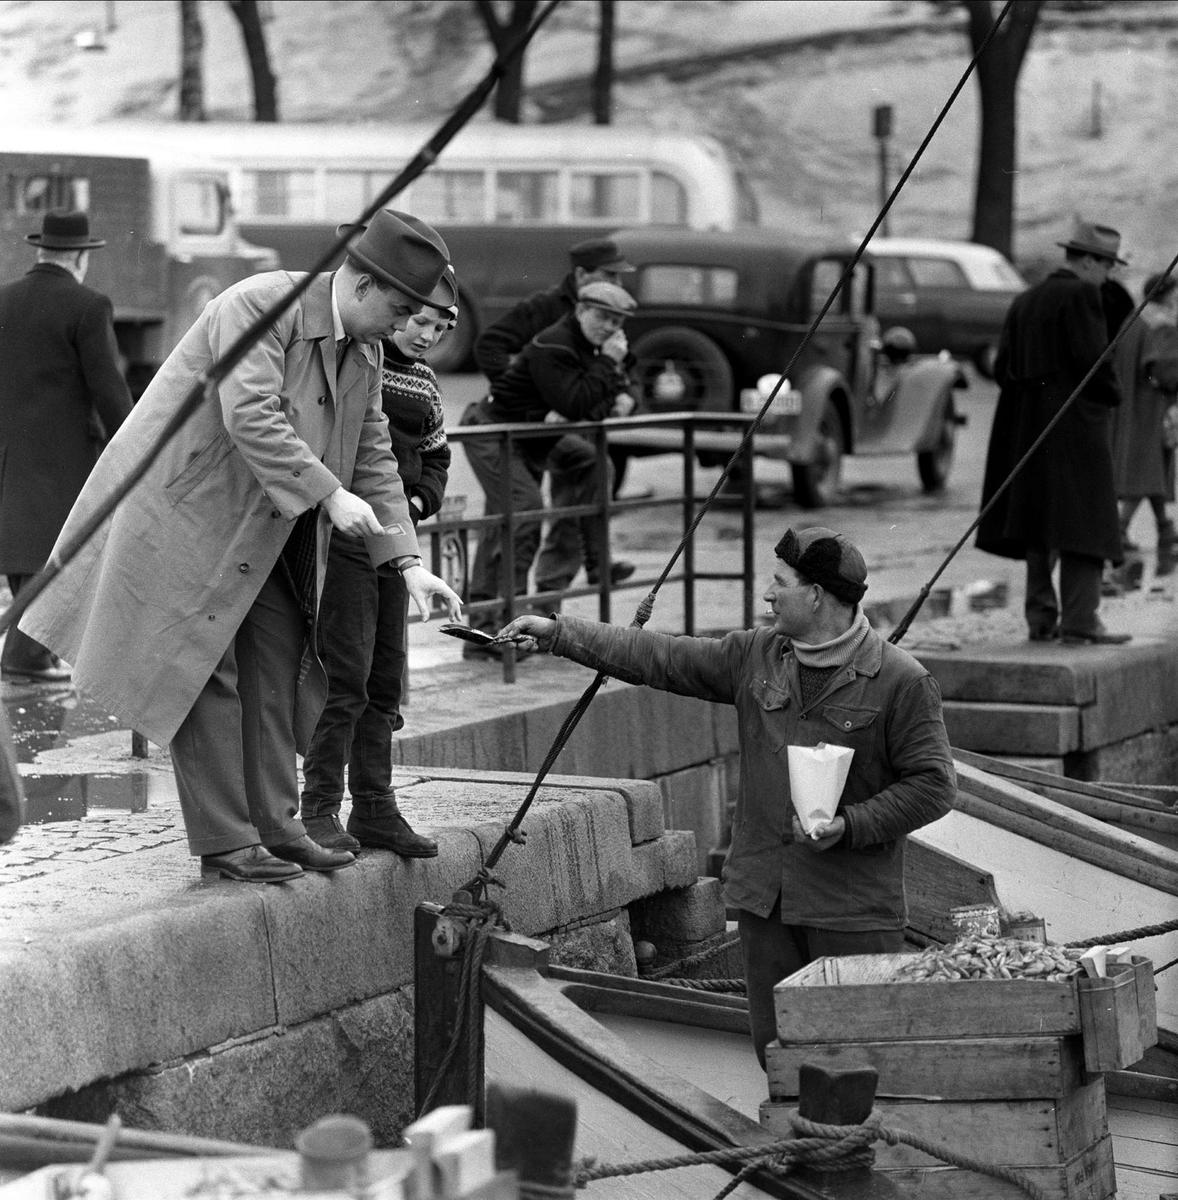 Vårtegn  i byen, fiskehandel på brygga, Oslo,  februar, 1959.